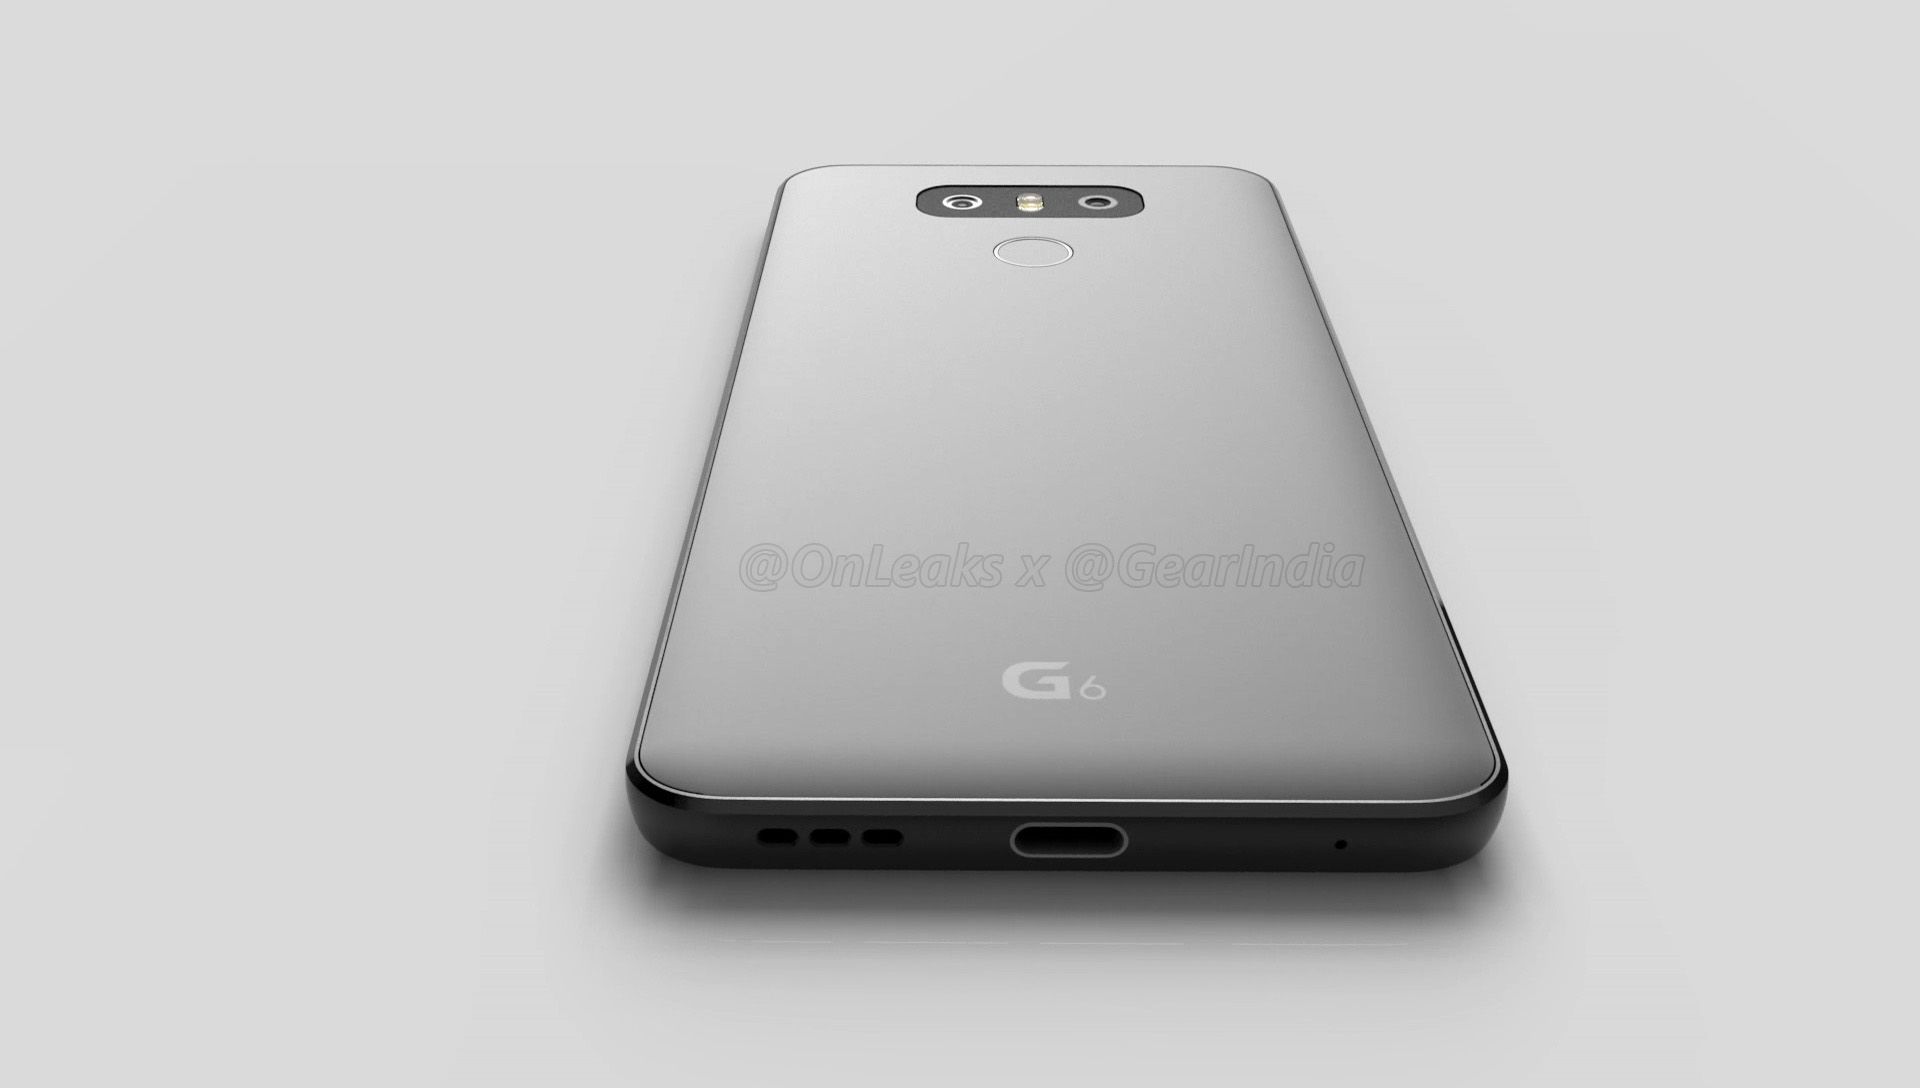 Rò rỉ hình ảnh của LG G6, flagship tiếp theo của LG trong năm 2017